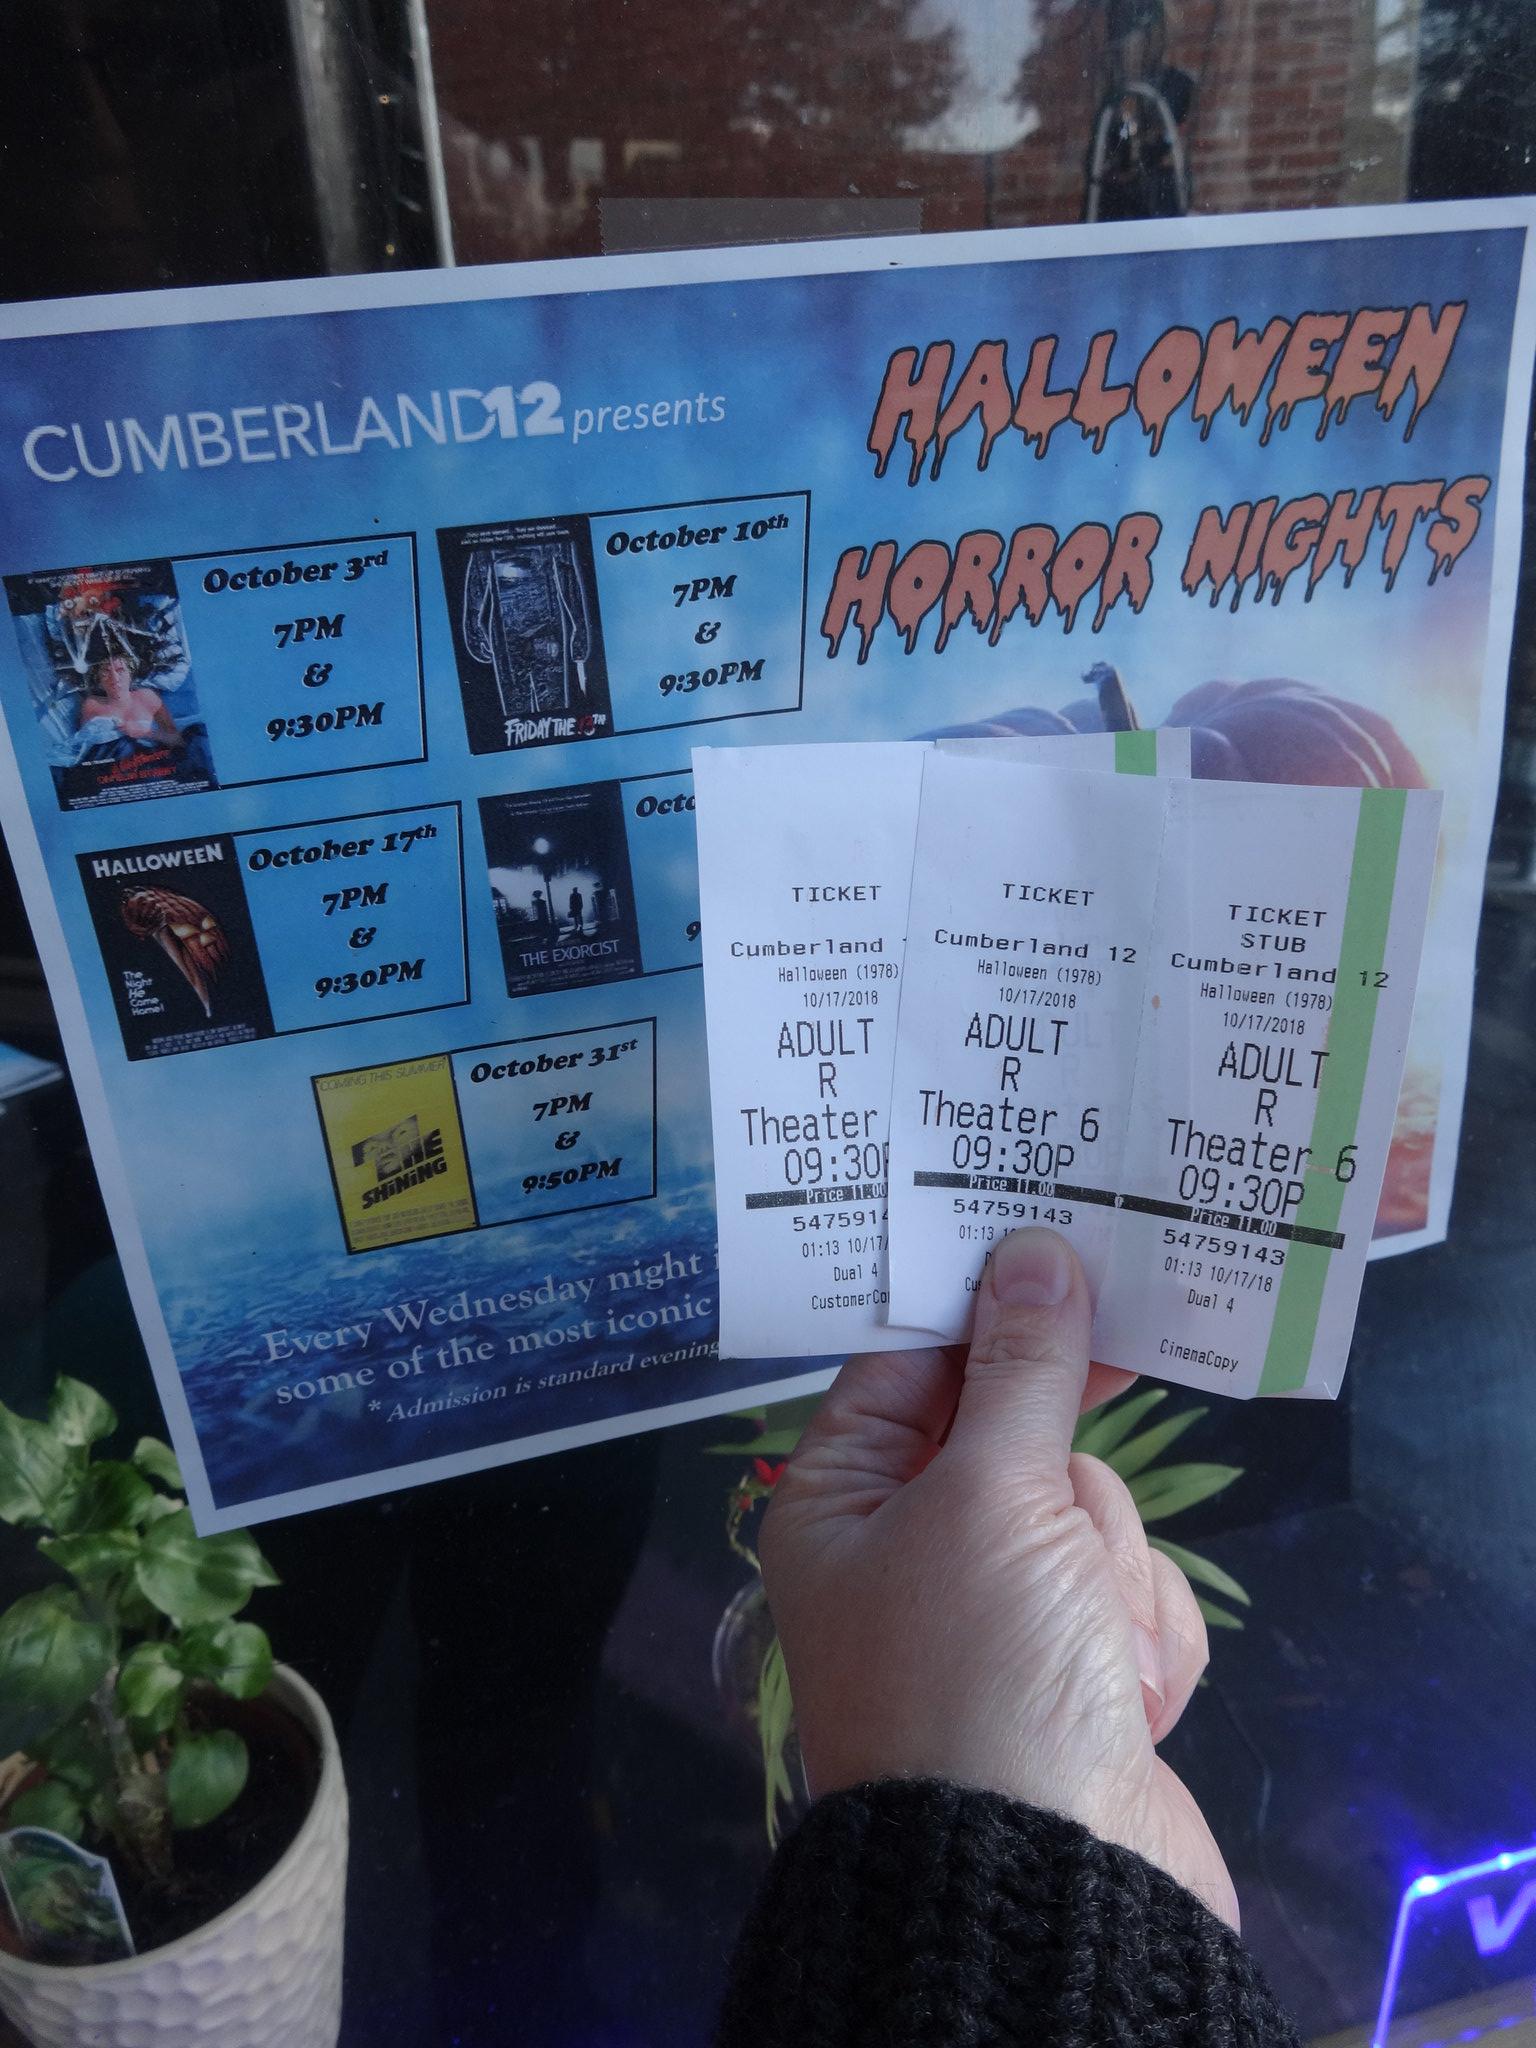 October 17th